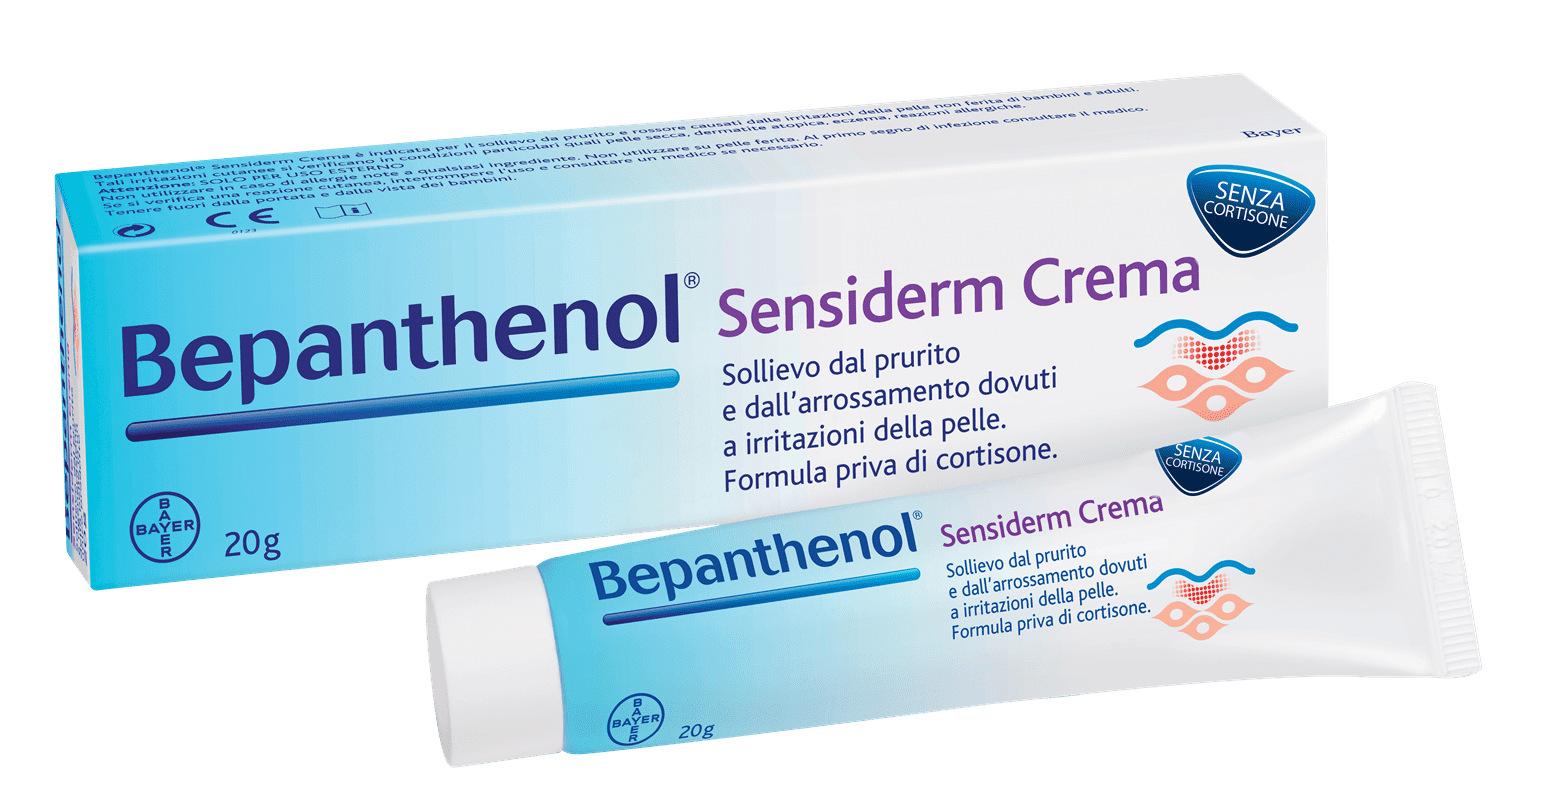 BEPANTHENOL SENSIDERM CREMA 50g